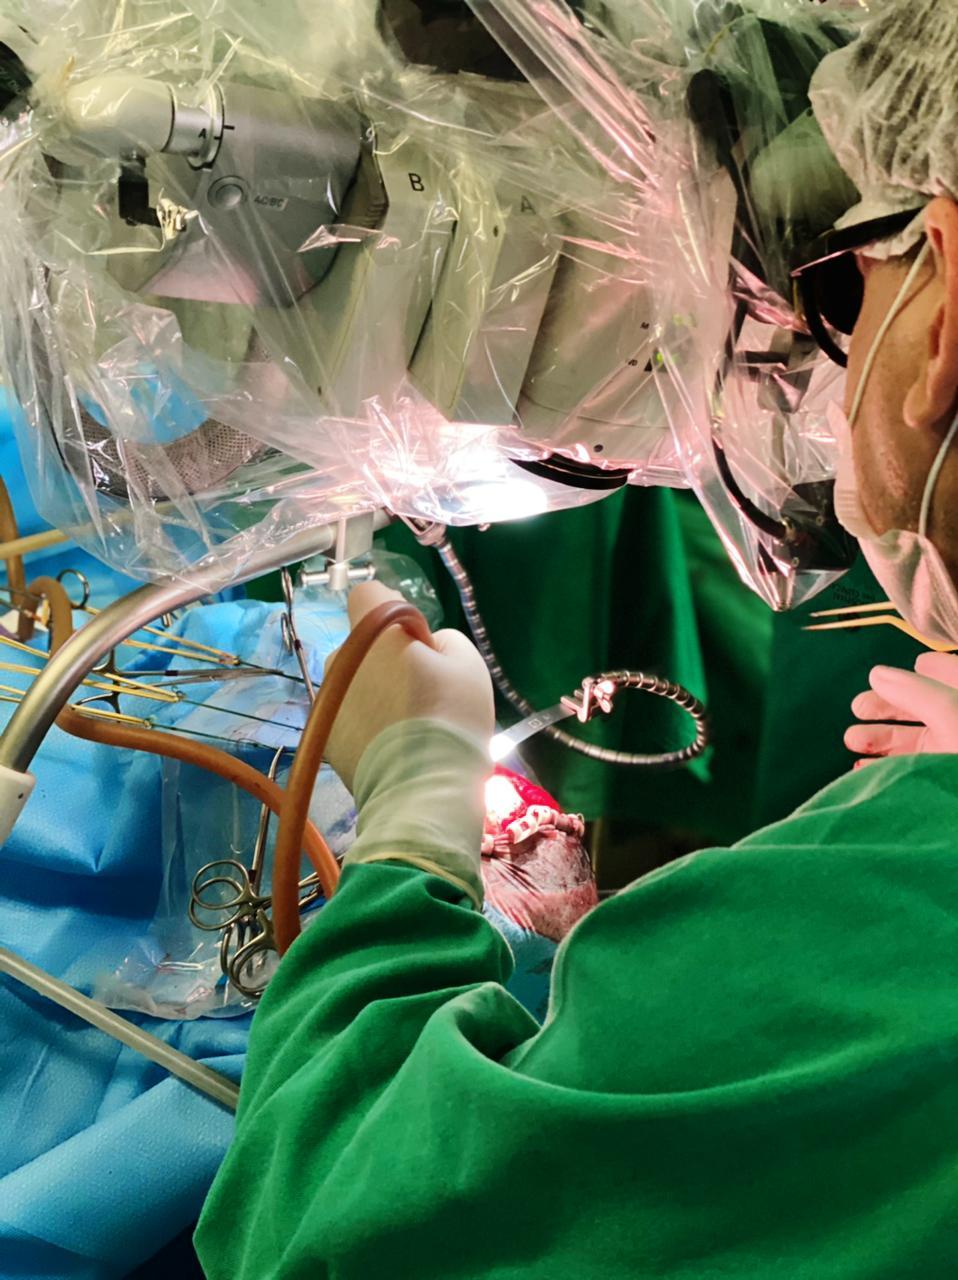 Neurocirurgia do Acre avança com uso de corante 5-ALA, que oferece maior chance de cura